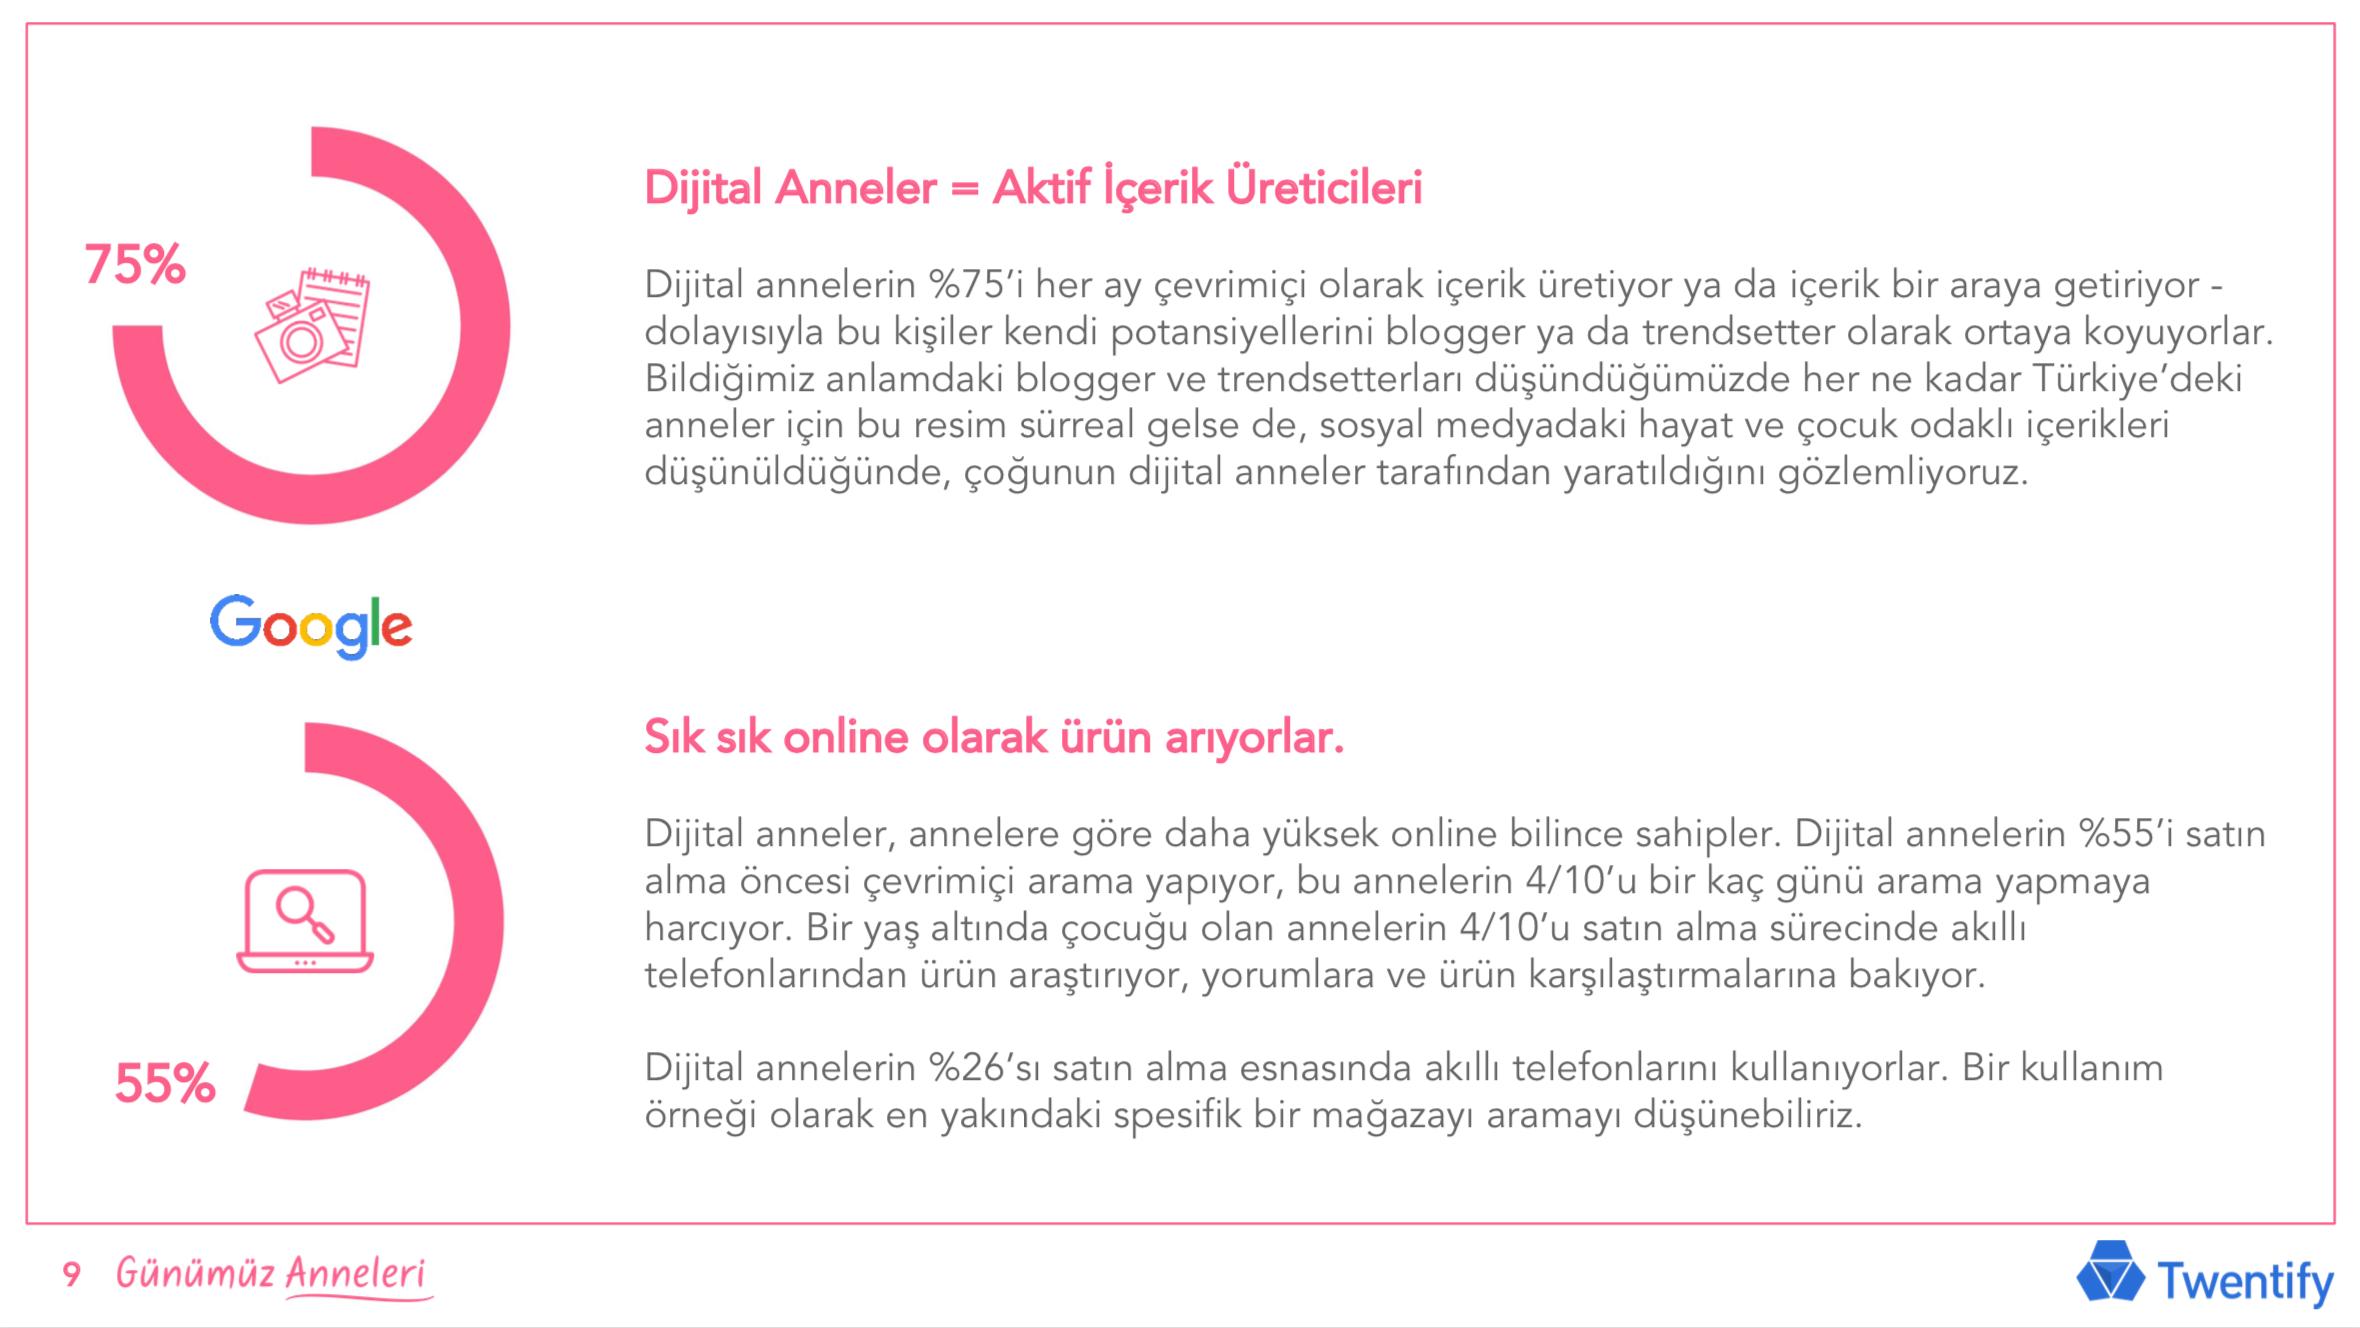 dijital_anneler